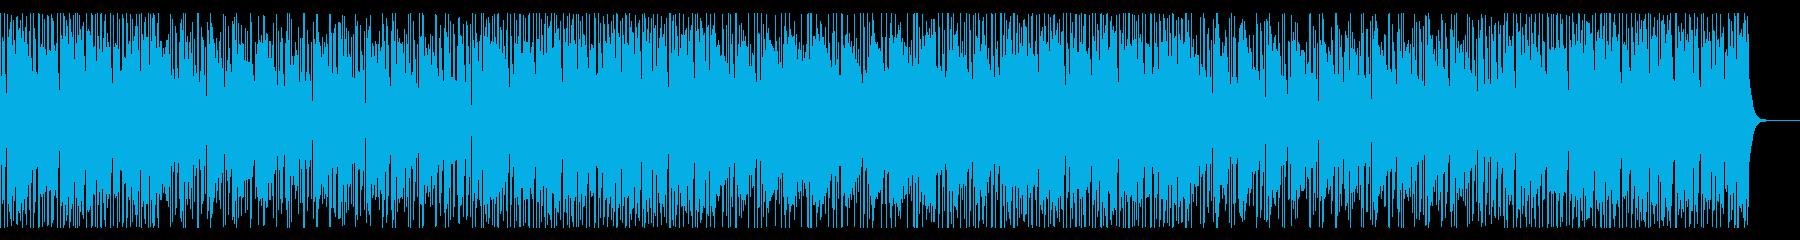 ノリノリなジャズ風インストの再生済みの波形